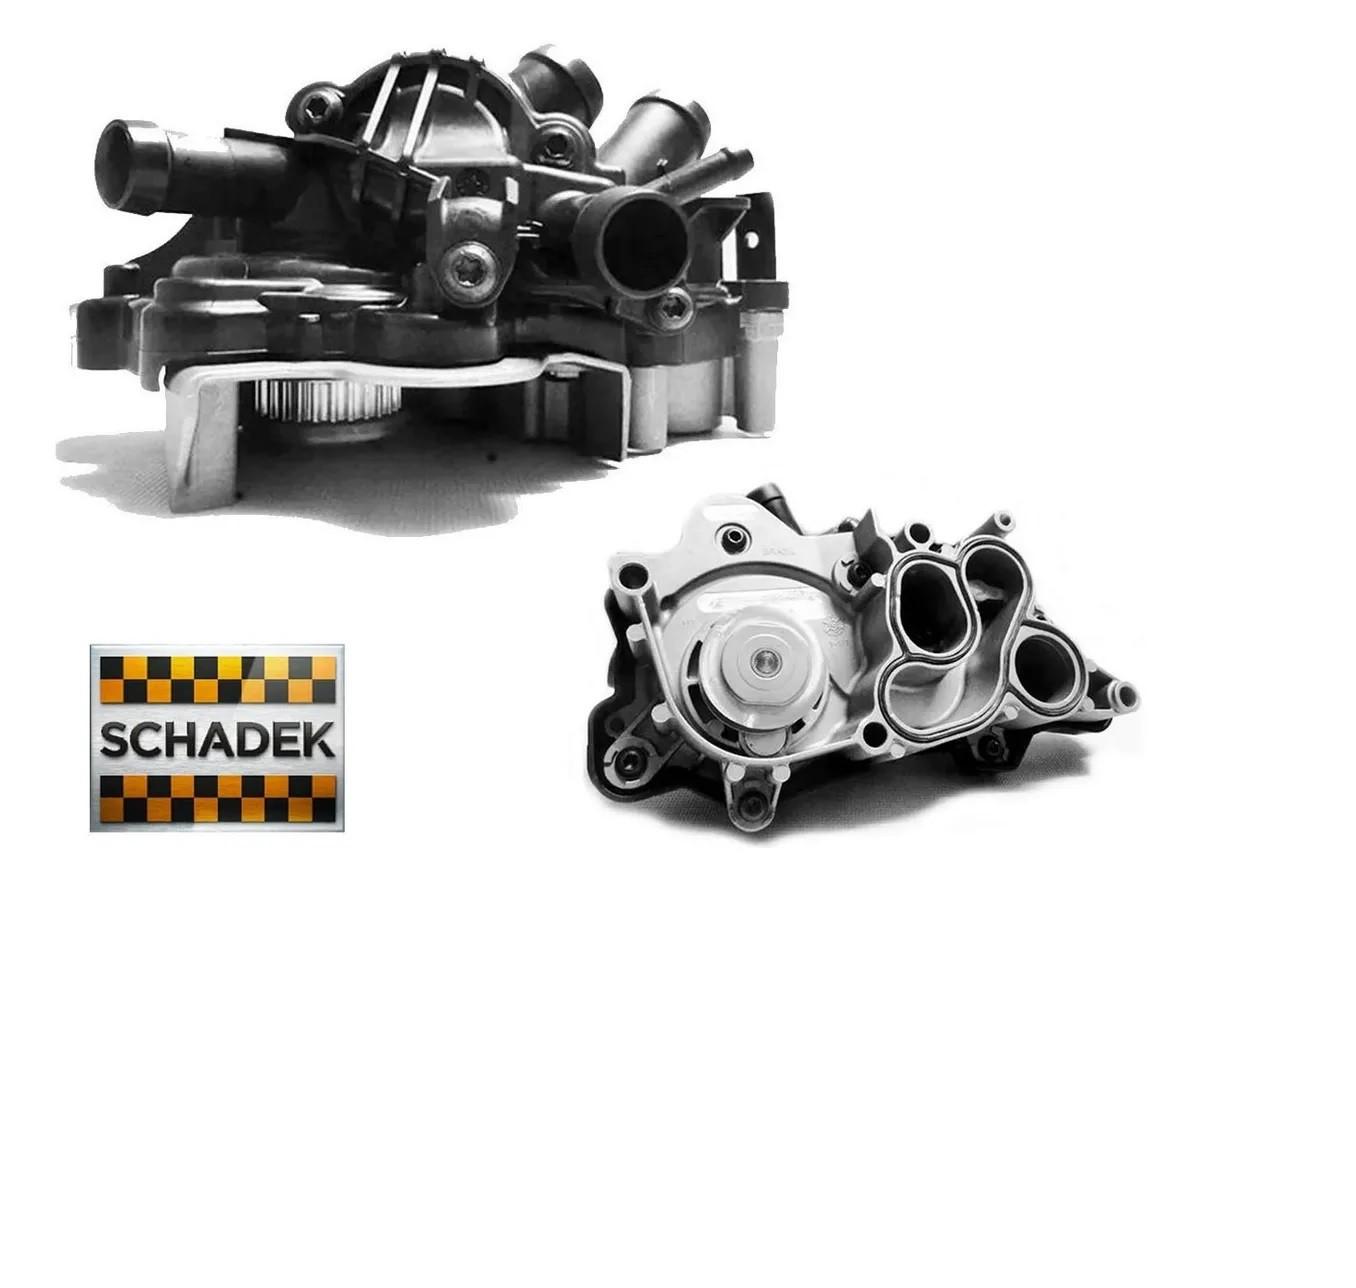 Bomba d Agua com Correia Audi A1 A3  VW Golf Jetta Tiguan 1.4 16V EA211 Após 2013  - Unicar